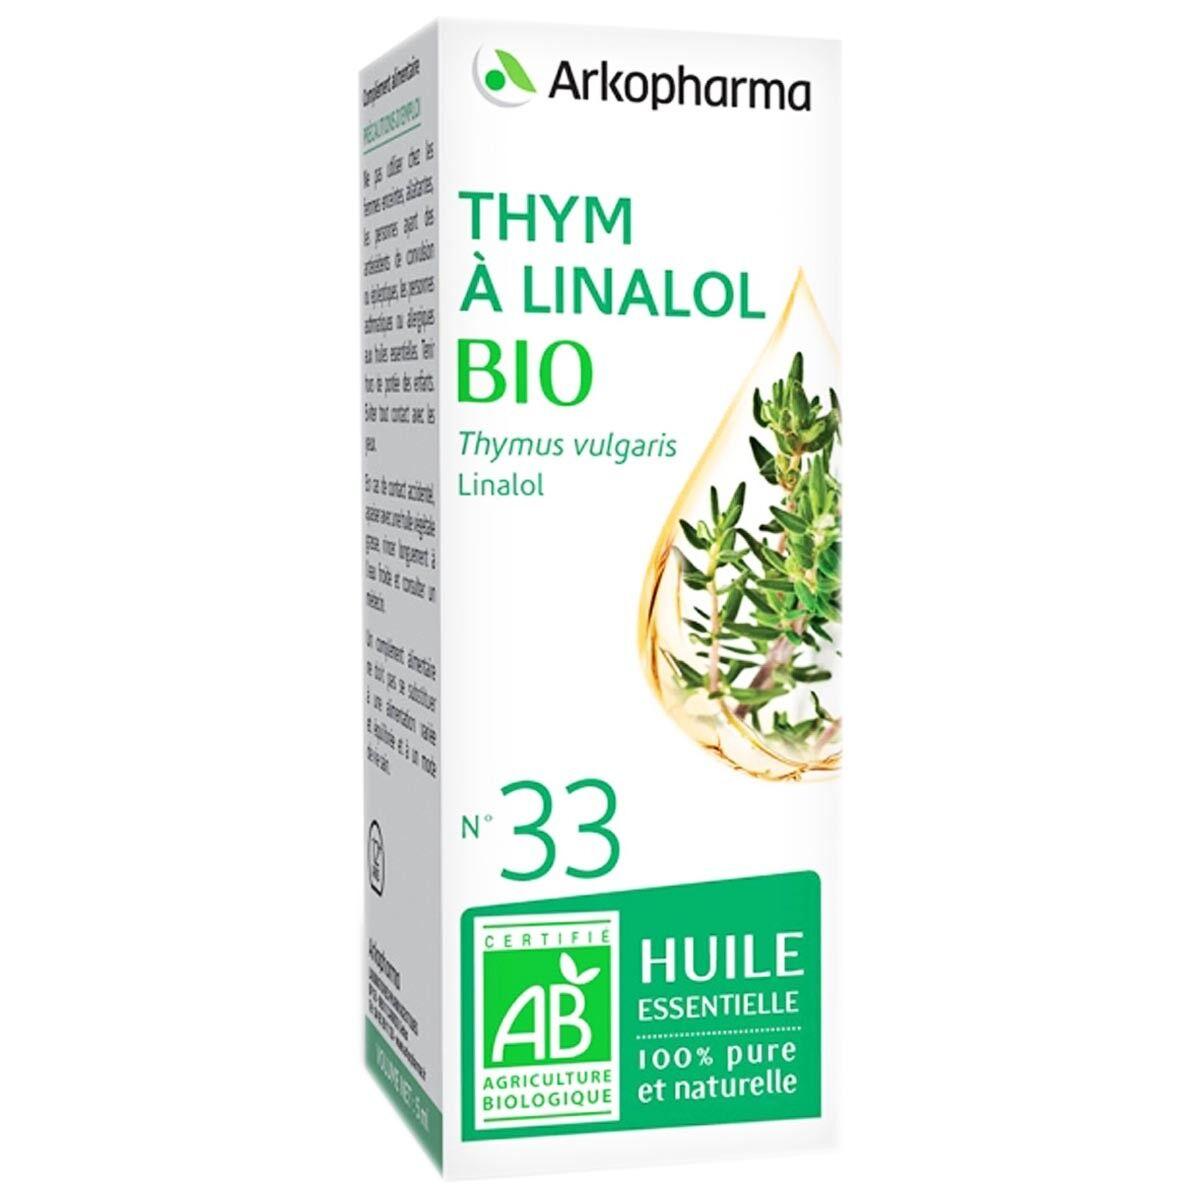 Arkopharma thym a linalol bio n°33 5 ml